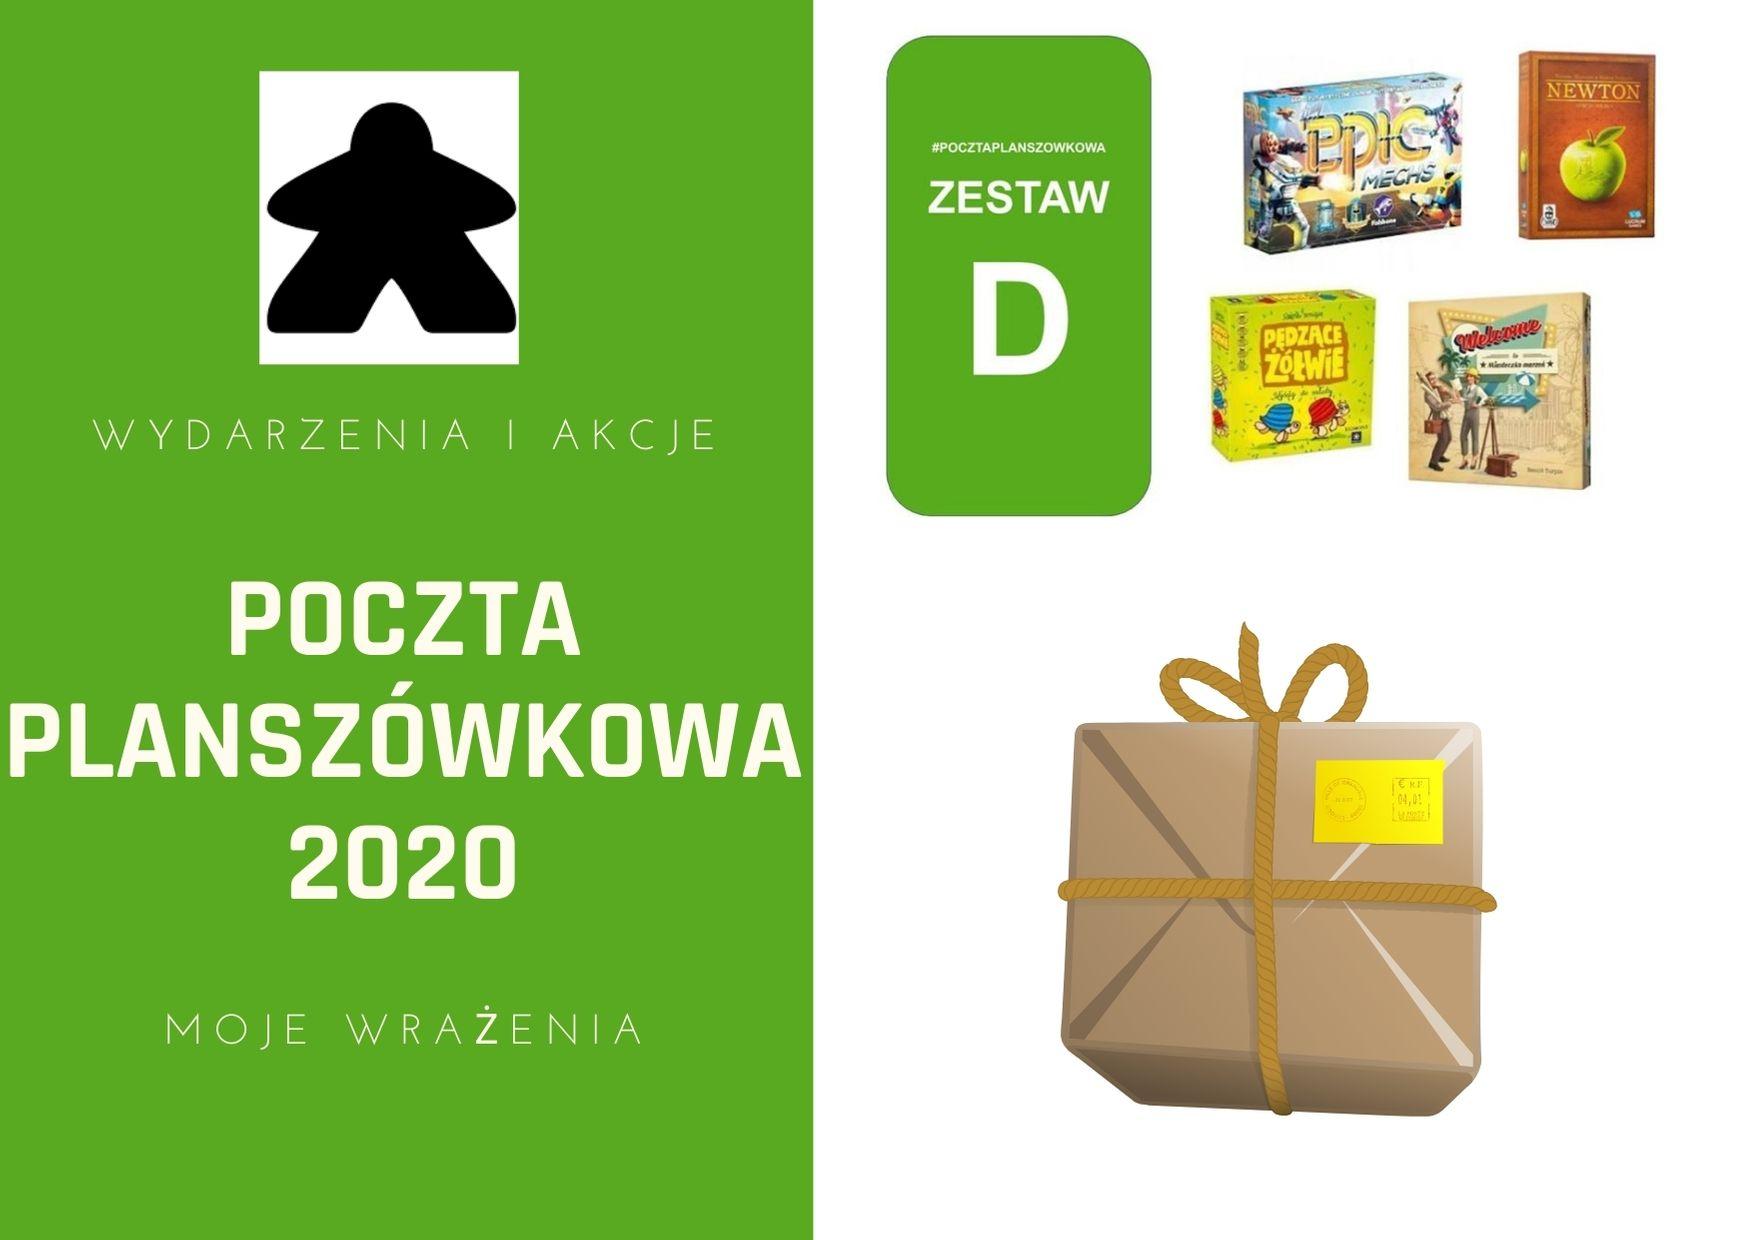 poczta planszówkowa 2020